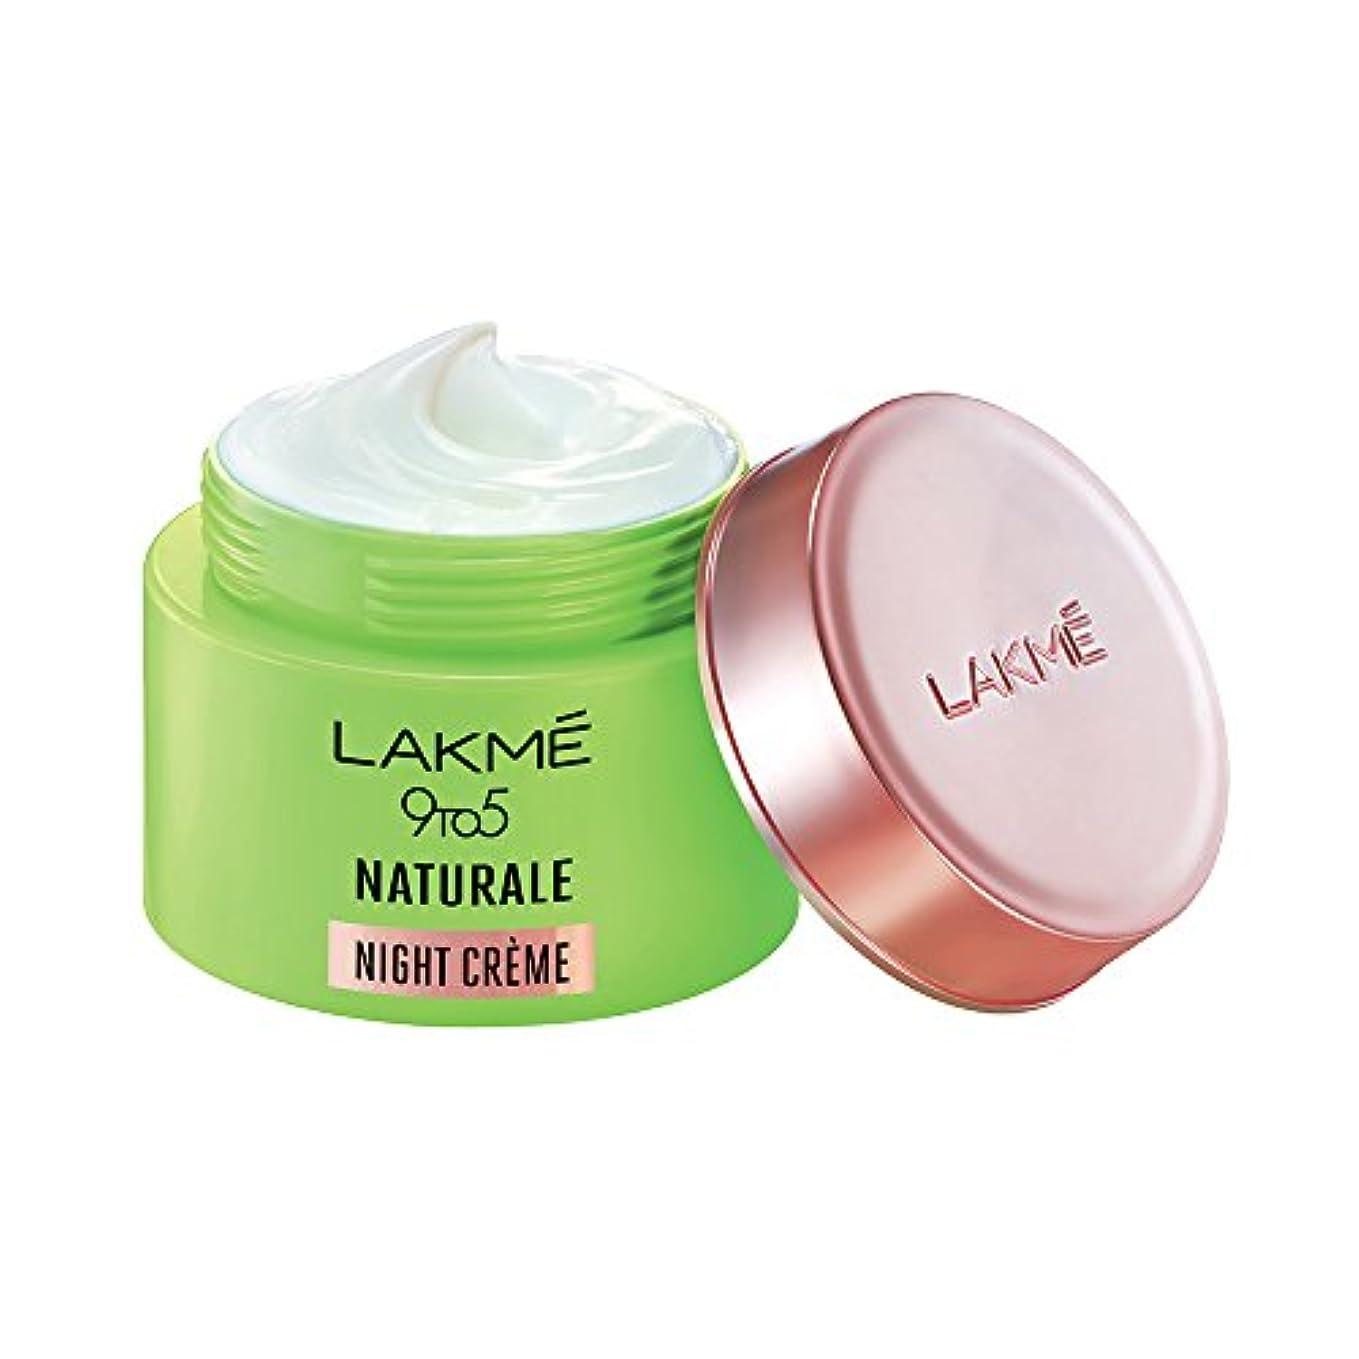 トーナメント立場苦いLakme 9 to 5 Naturale Night Creme, 50 g